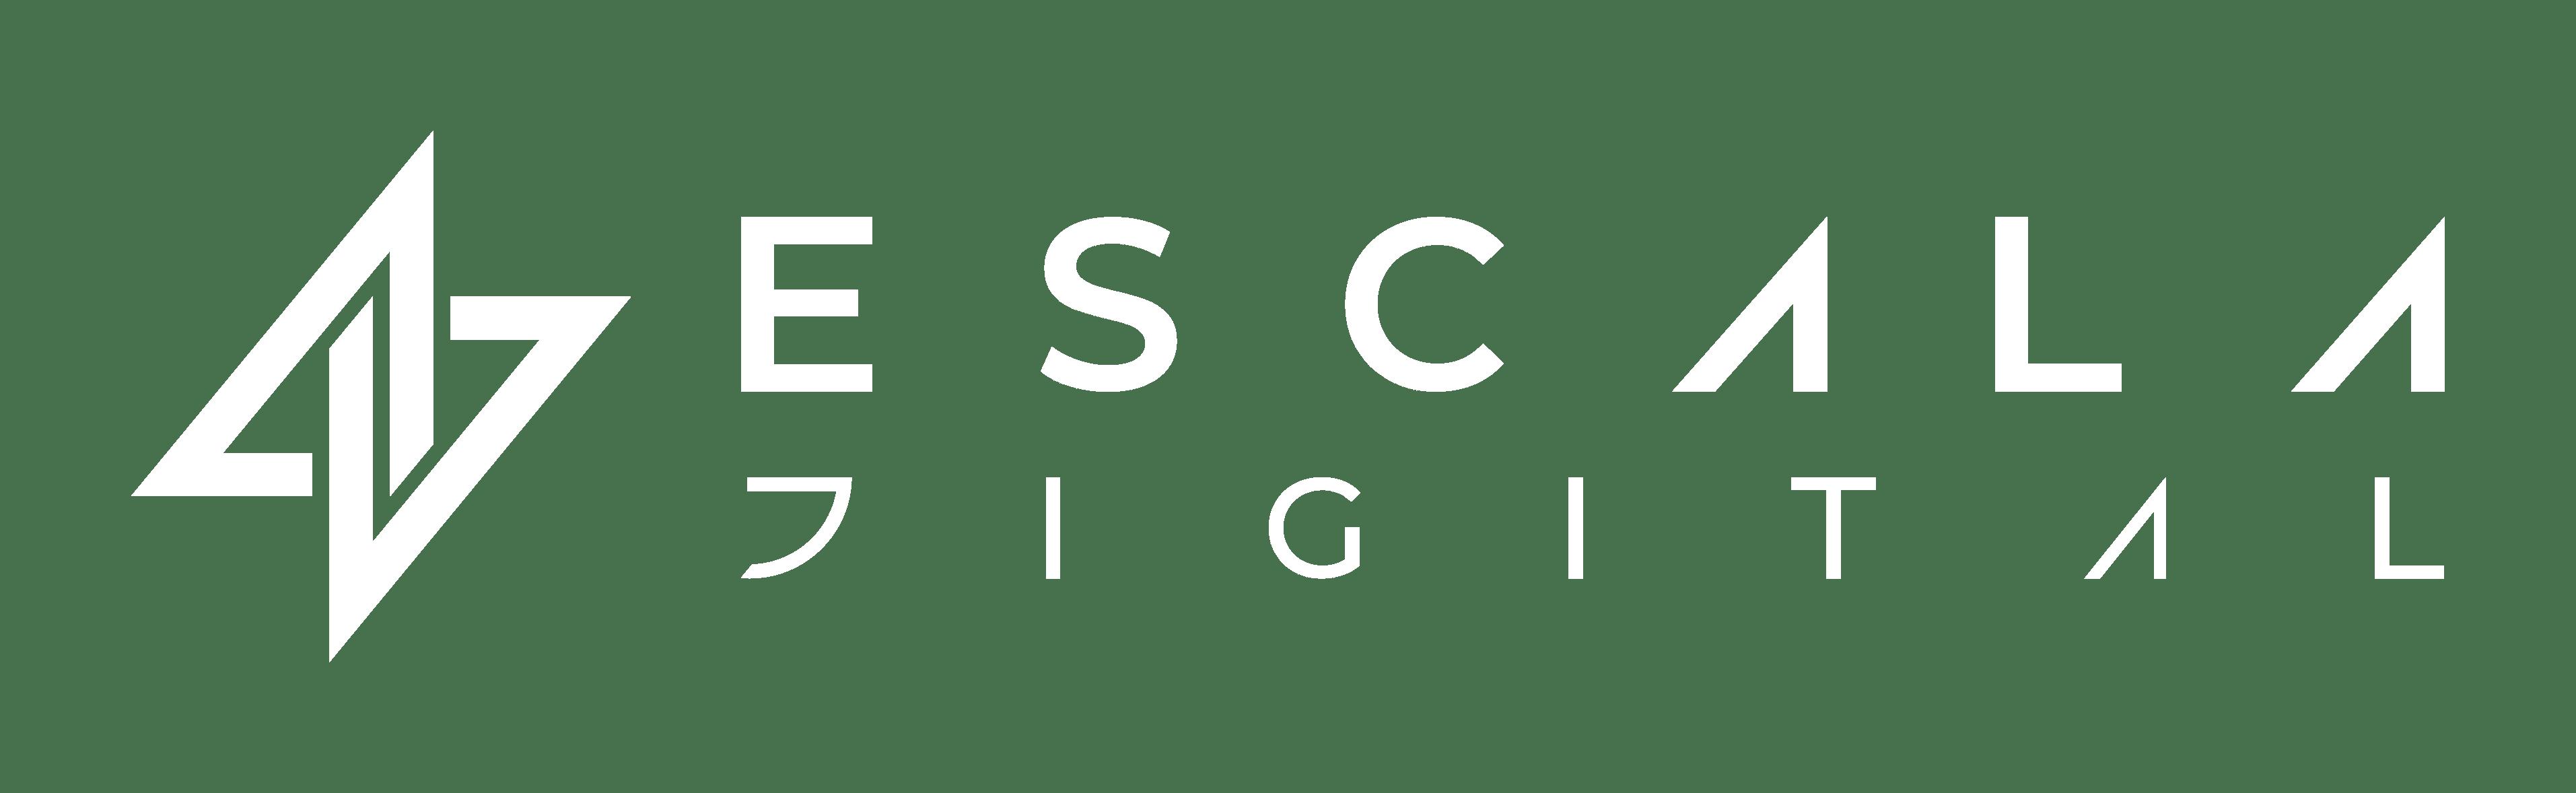 escala digital